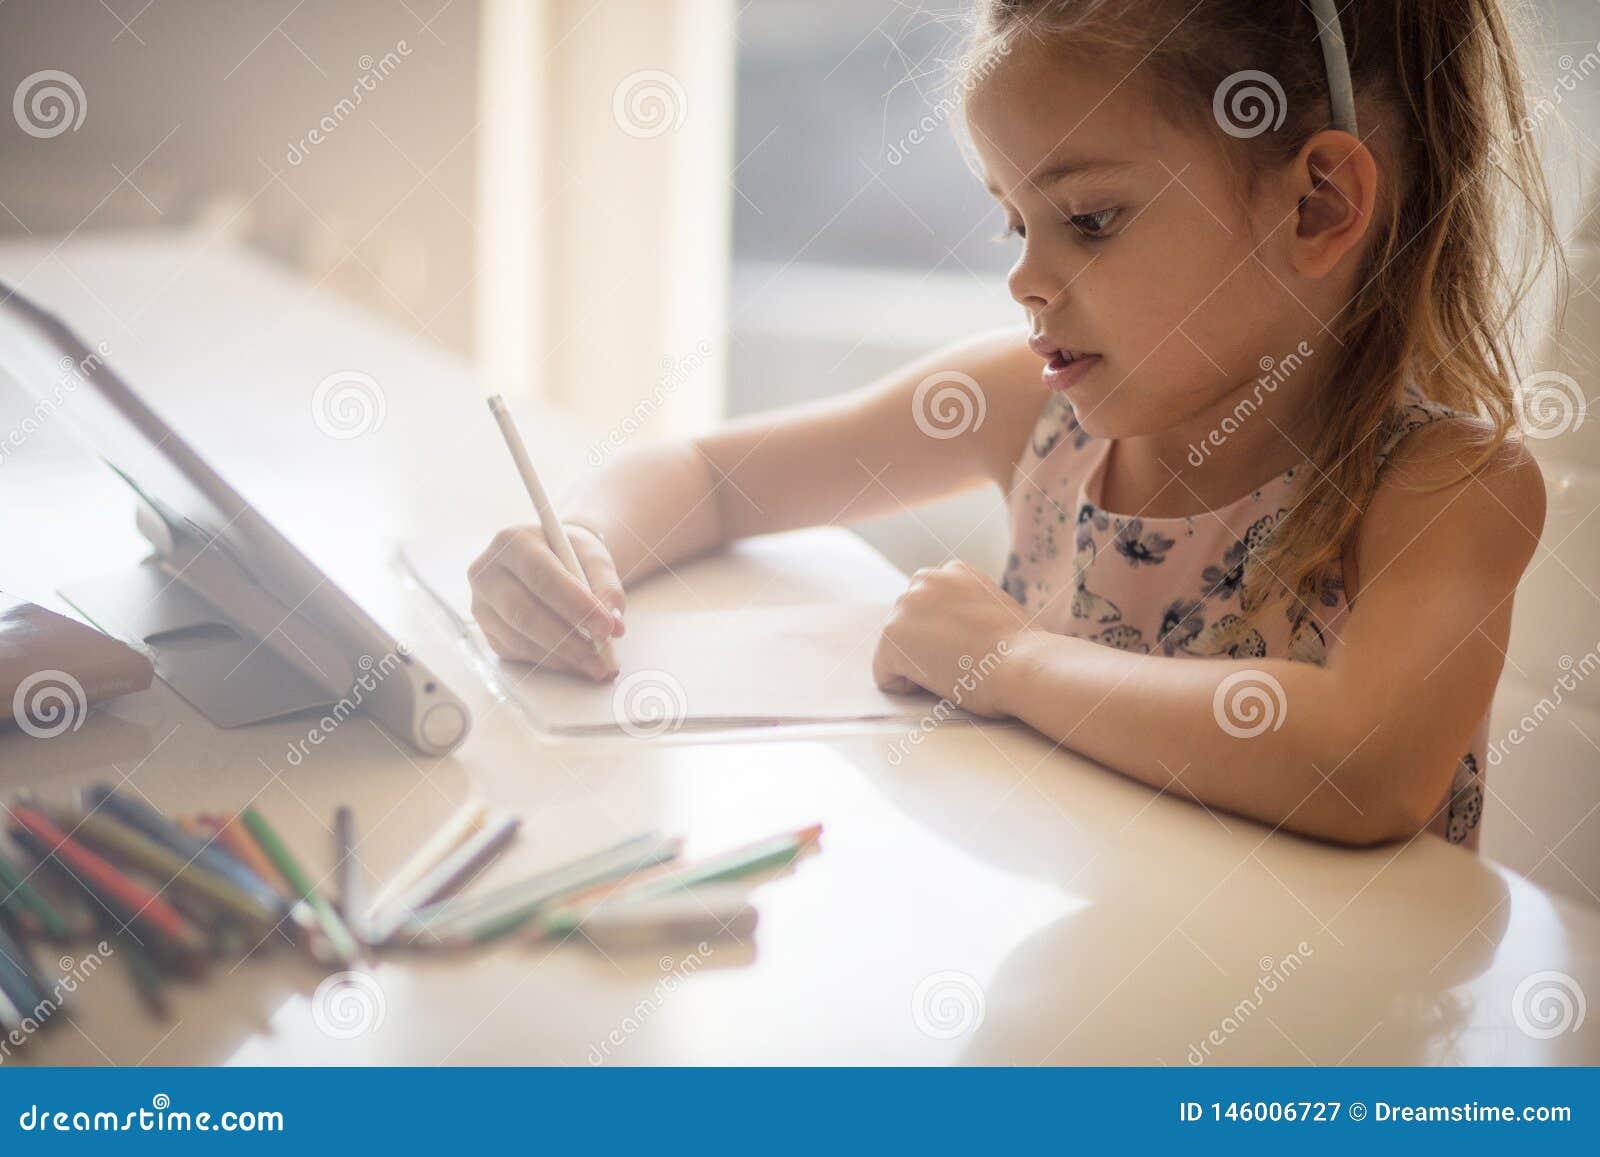 Она отпочковываясь молодой художник